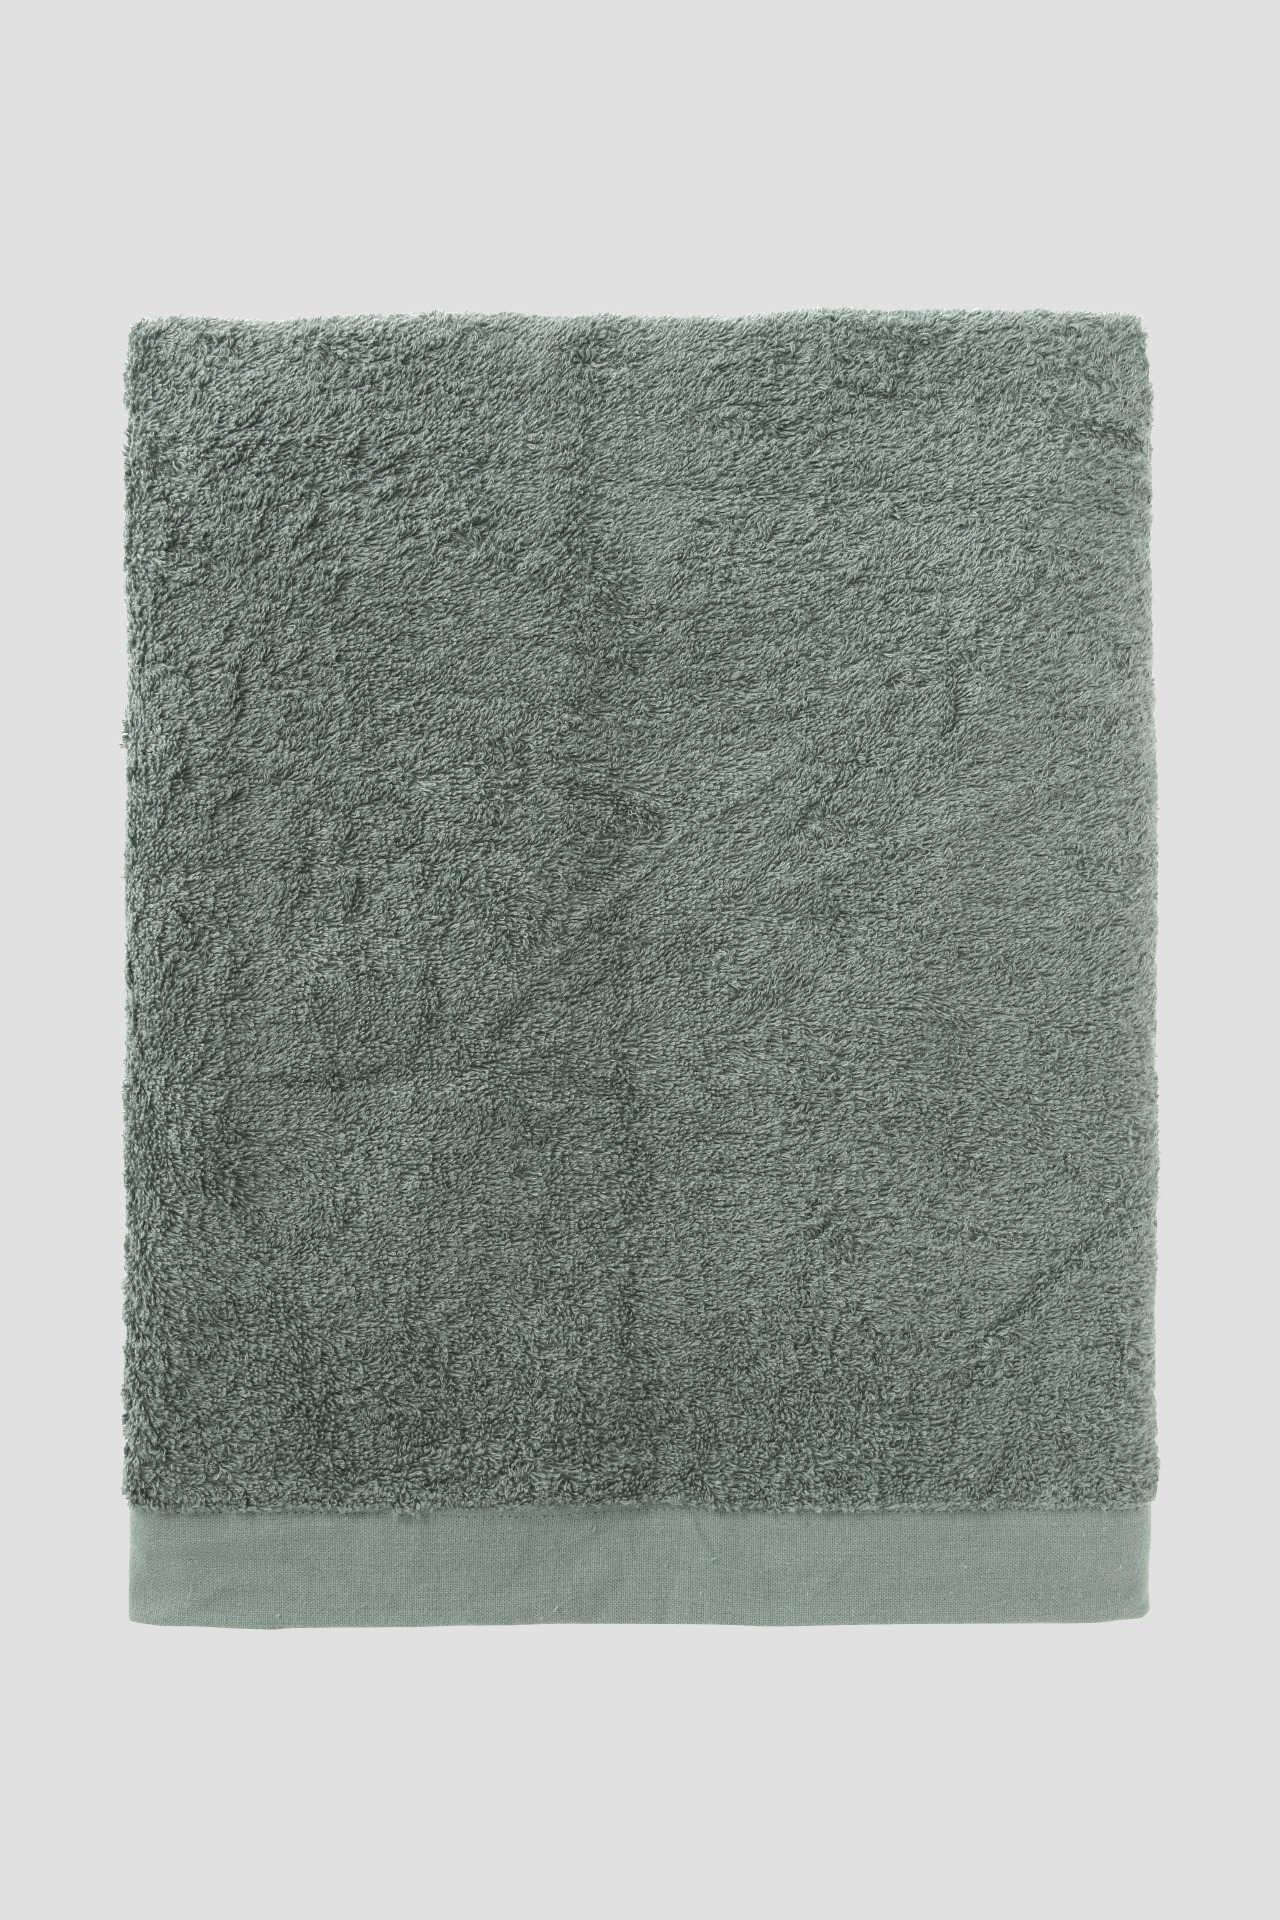 COTTON RAMIE TOWEL1